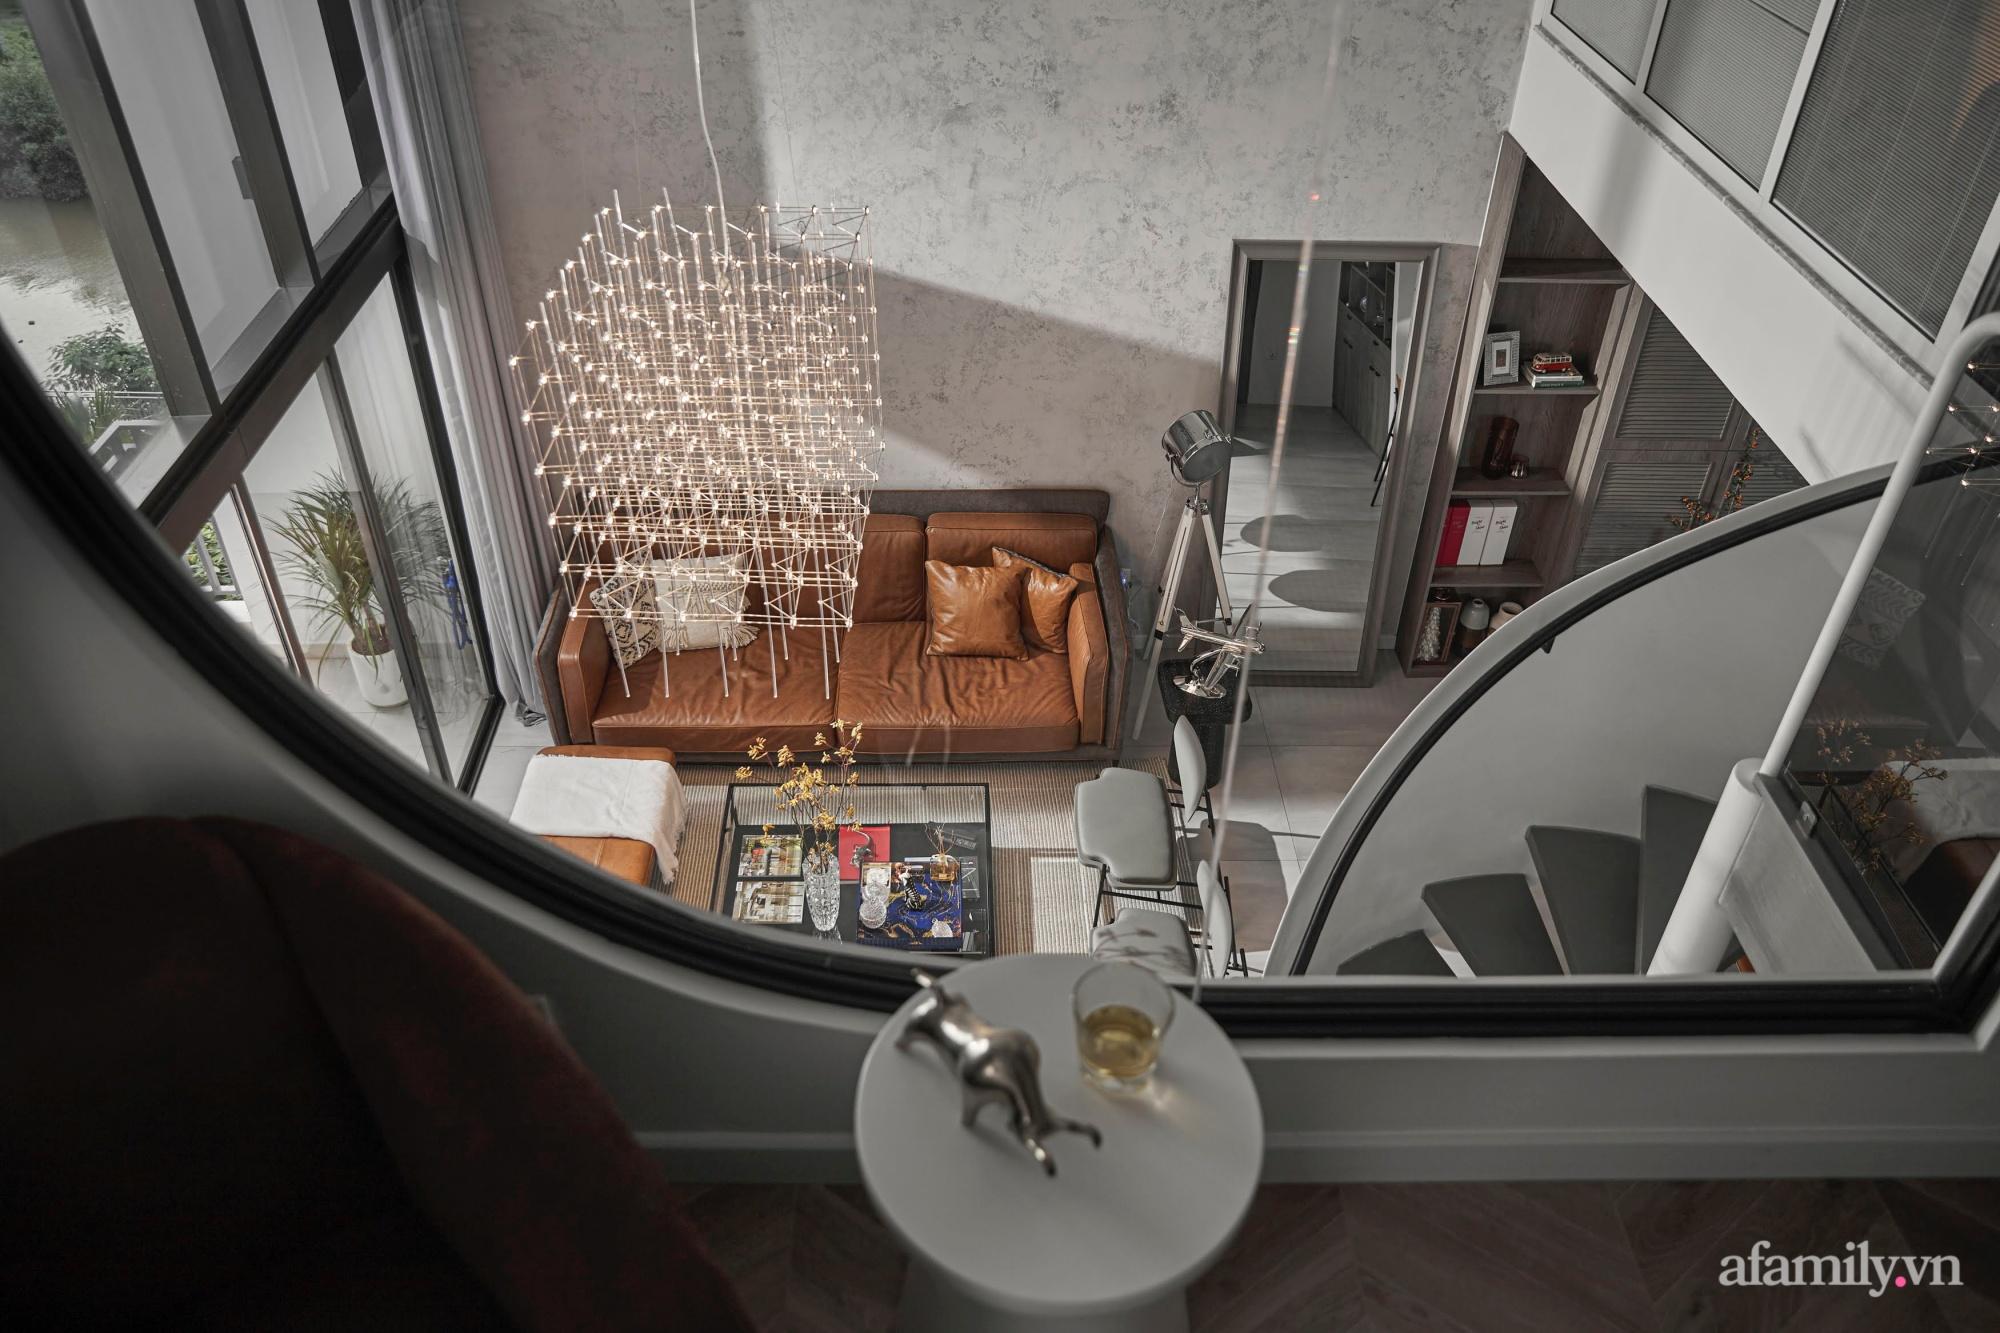 Căn hộ 2 tầng rộng 145m² đẹp sang trọng với điểm nhấn mộc mạc từ chất liệu bê tông ở Sài Gòn - Ảnh 11.